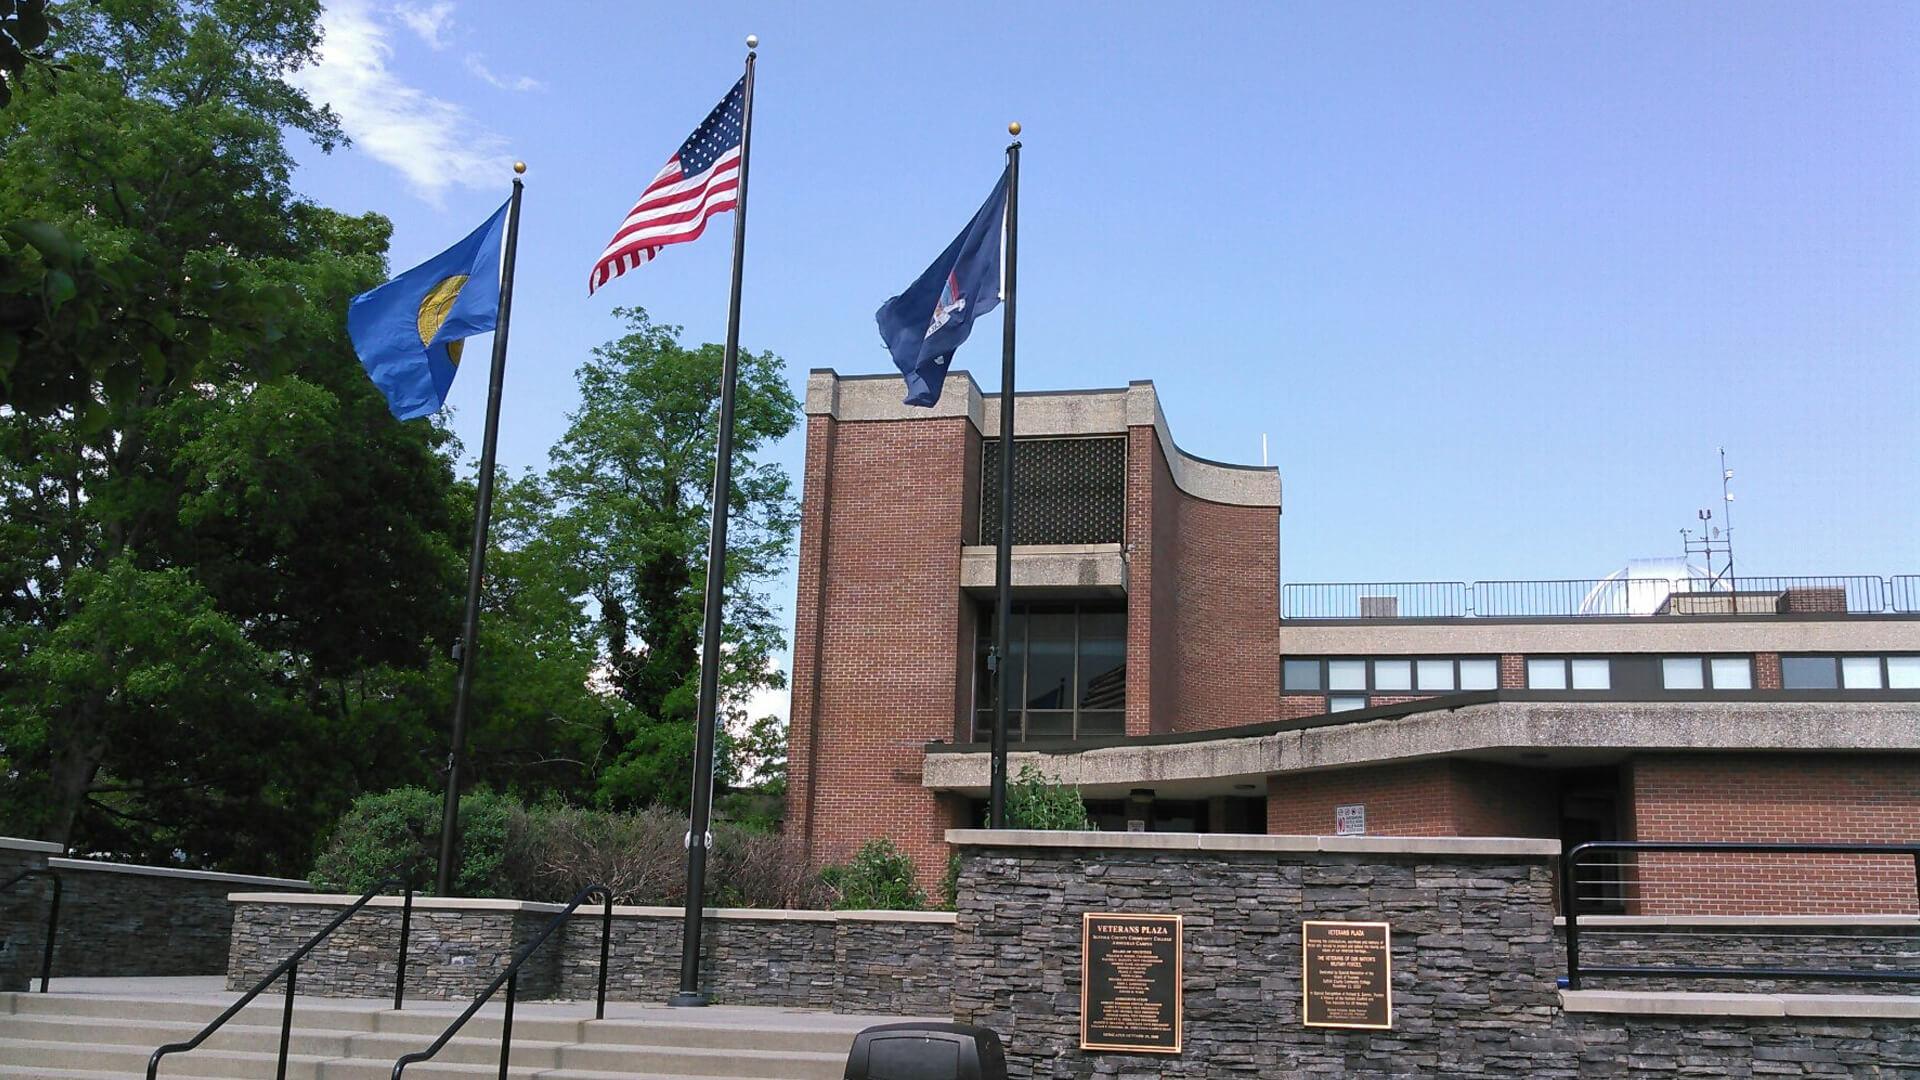 Veteran's building in Islip Arts.